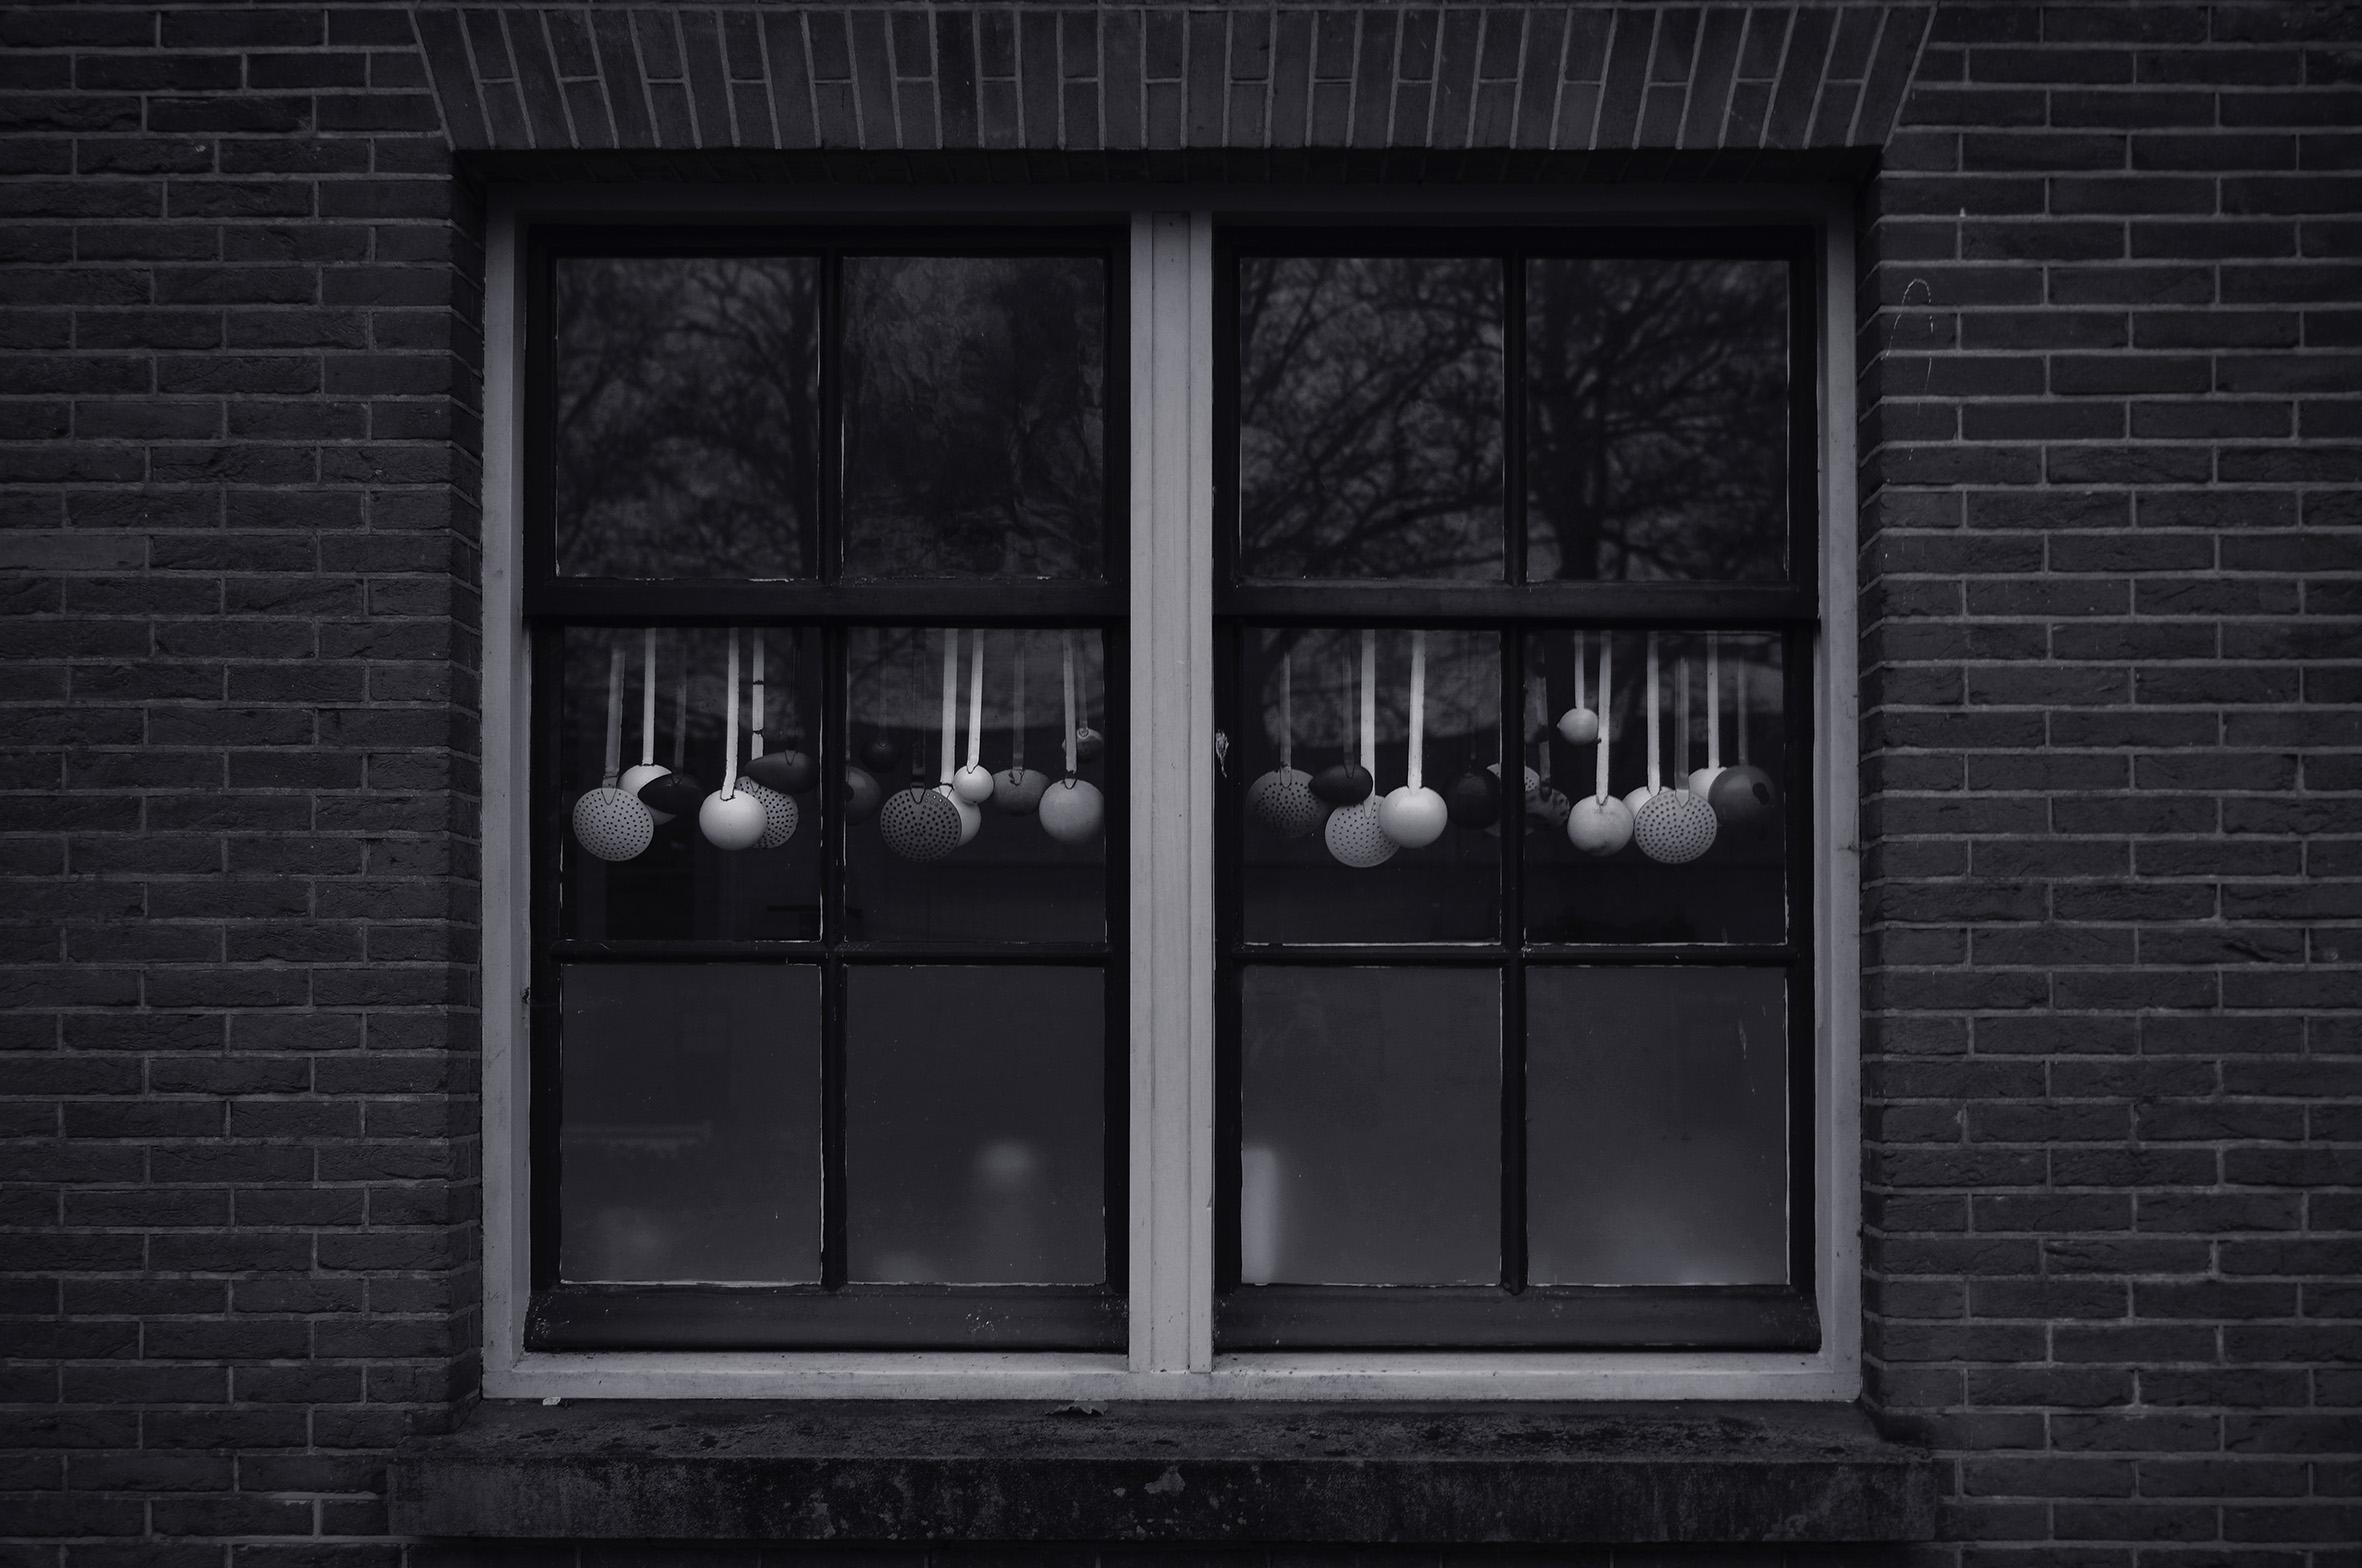 window spoons